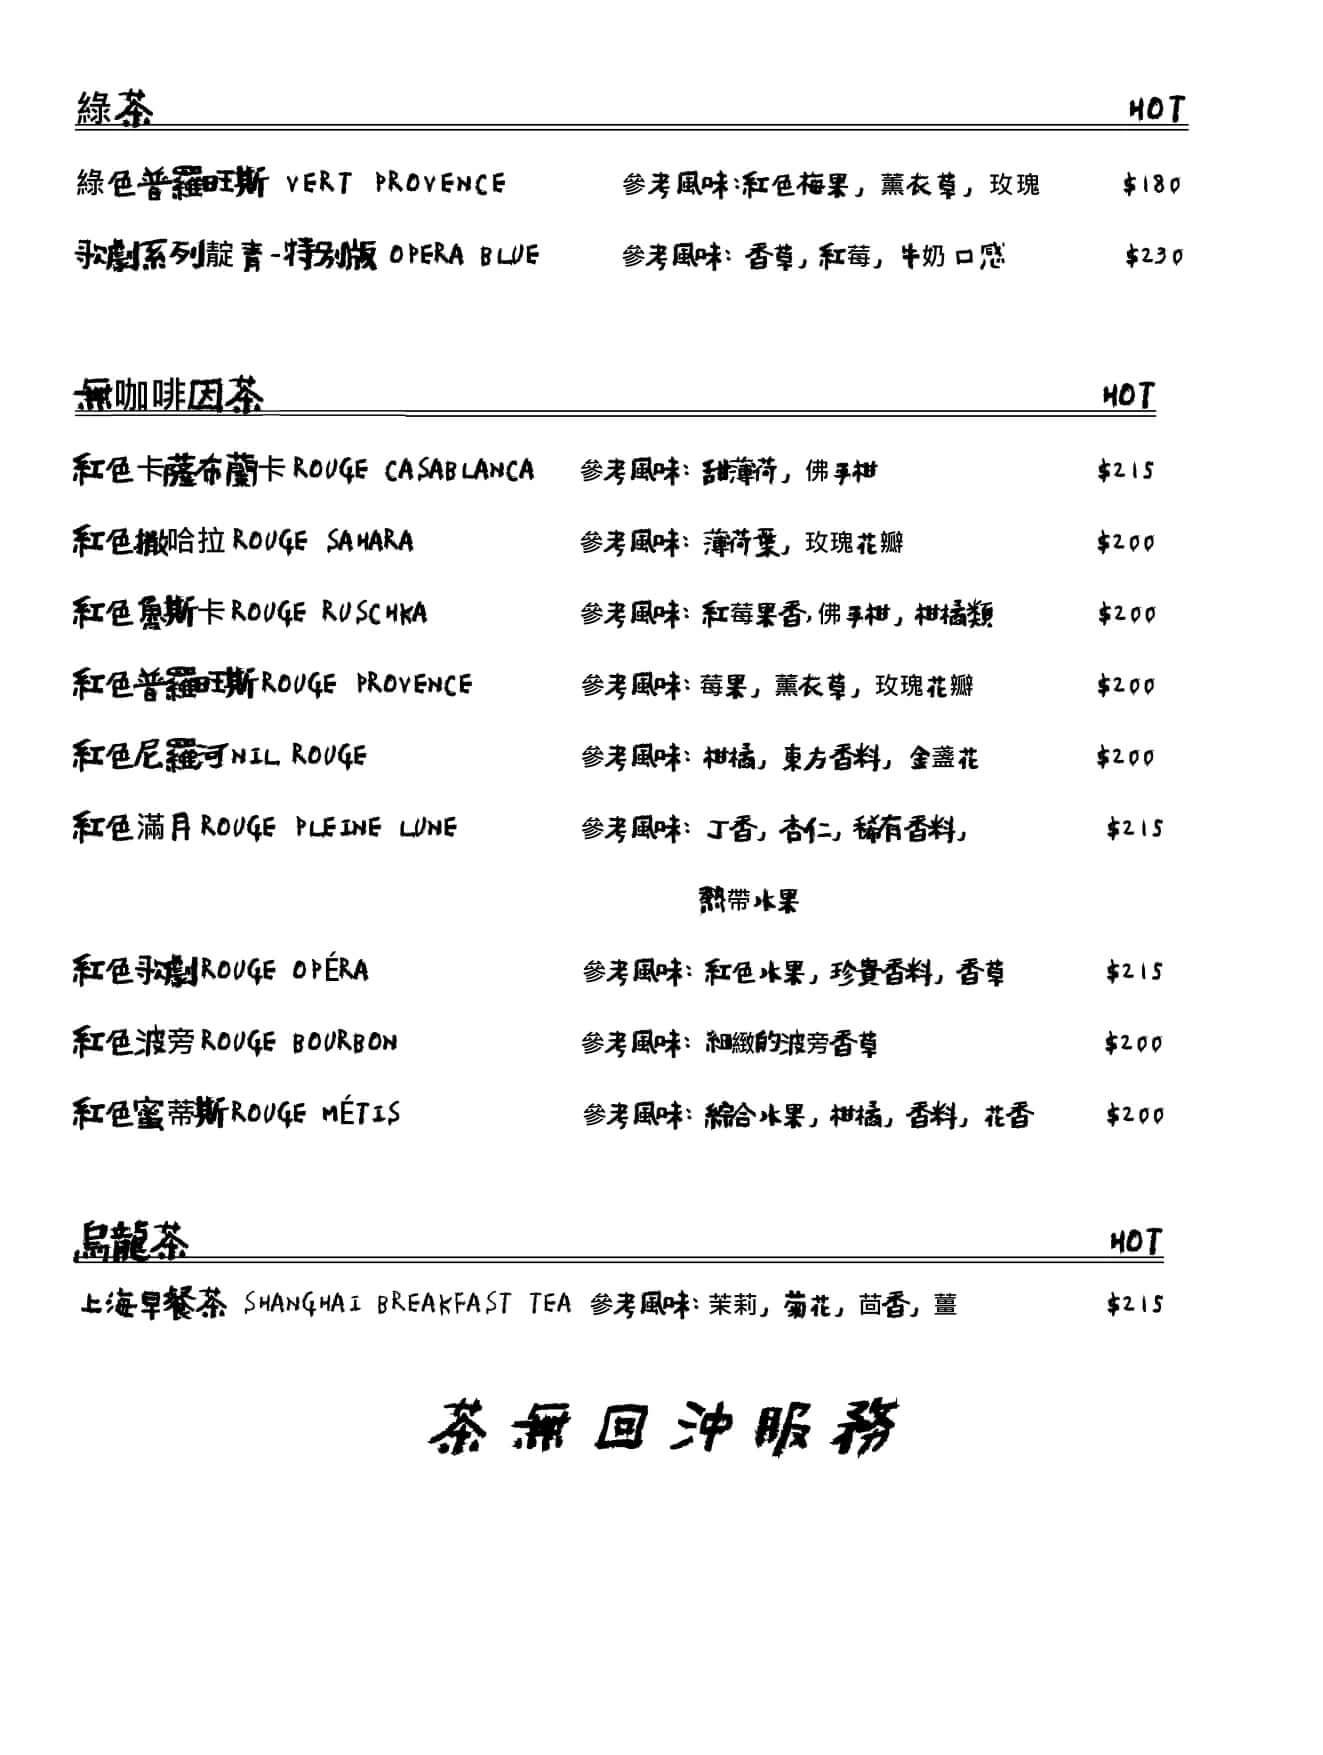 吉十咖啡菜單